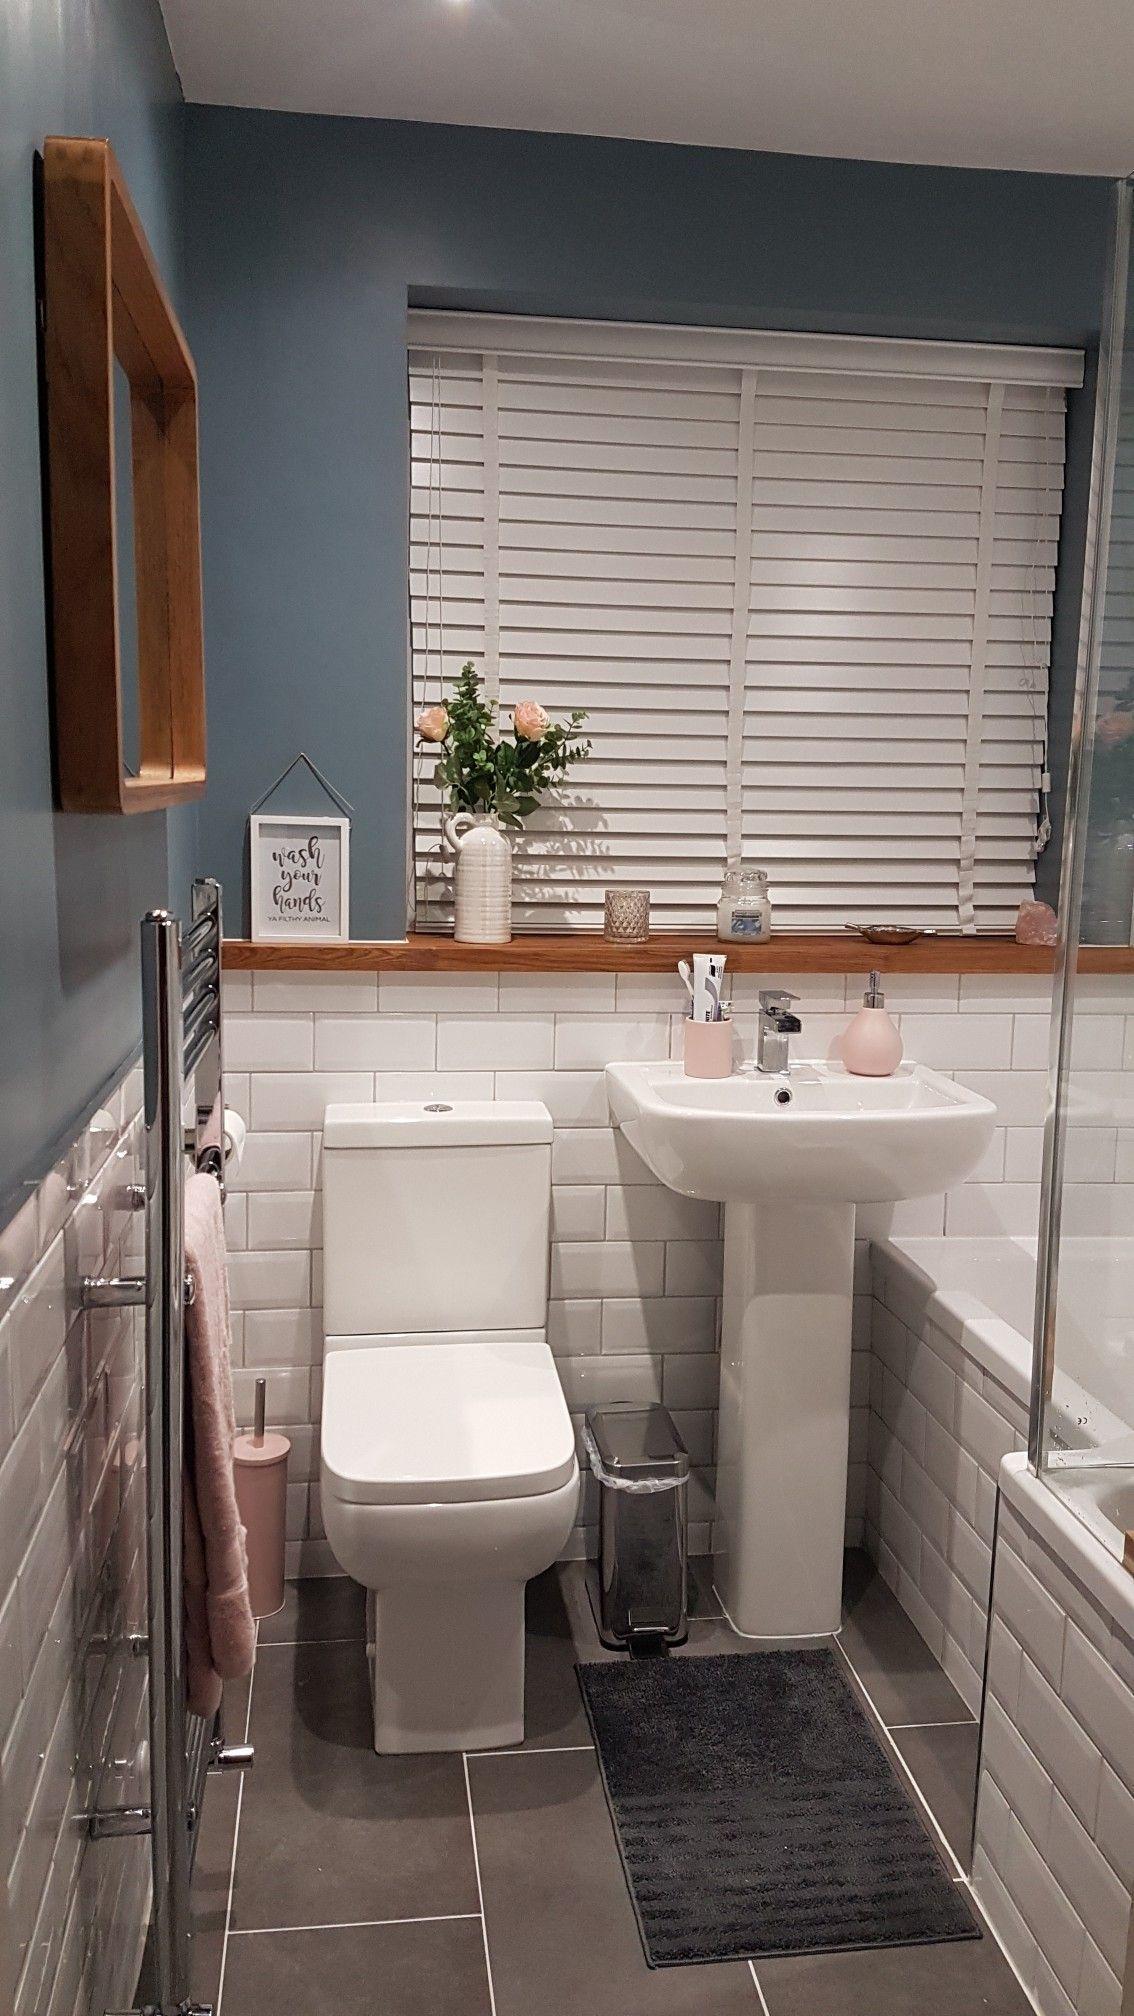 Badezimmer Badmobel Badezimmermobel Badmobel Set Spiegelschrank Bad Badezimmerschrank Badspiegel In 2020 Bathroom Design Small Bathroom Interior Small Bathroom